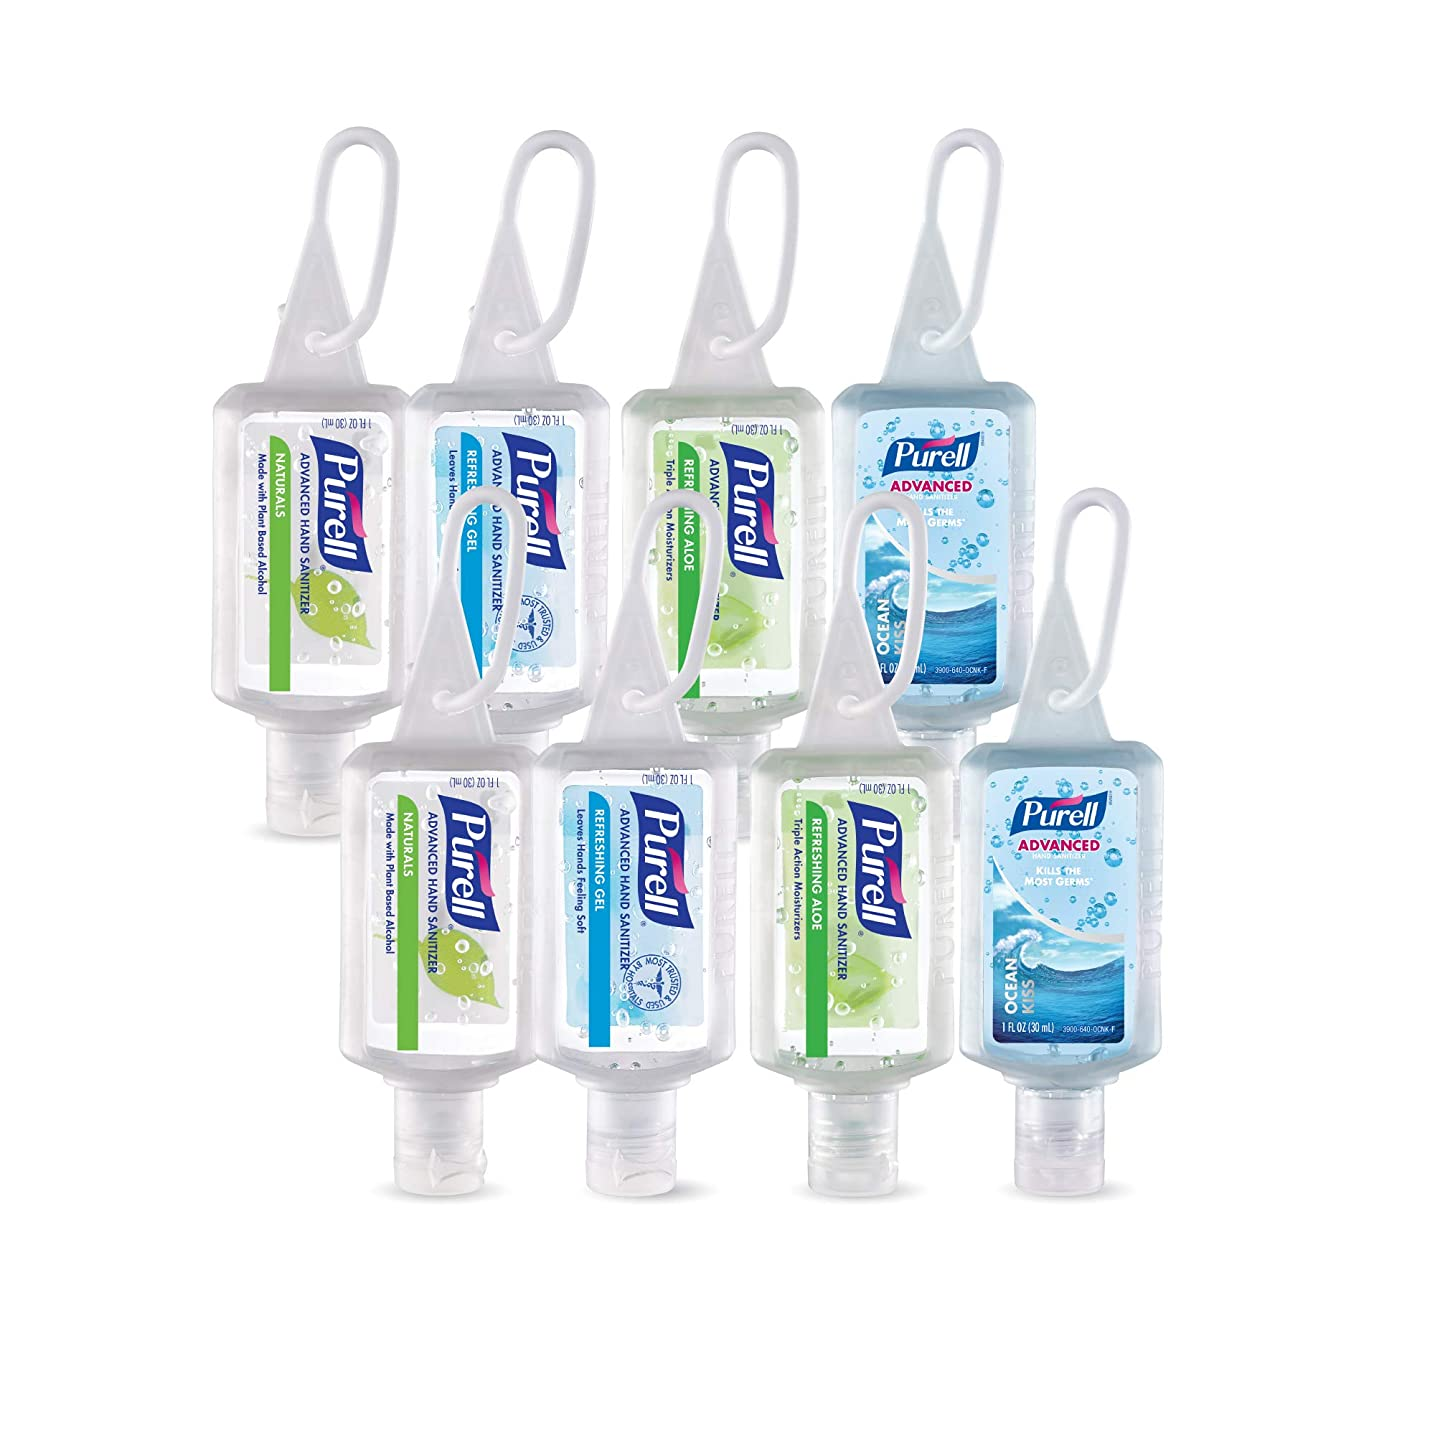 亜熱帯甲虫一時停止Purell高度なインスタントHand Sanitizer?–?トラベルサイズJellyラップポータブルSanitizerボトル、香りつき (1 oz, Pack of 8) 3900-08-ECINSC 8